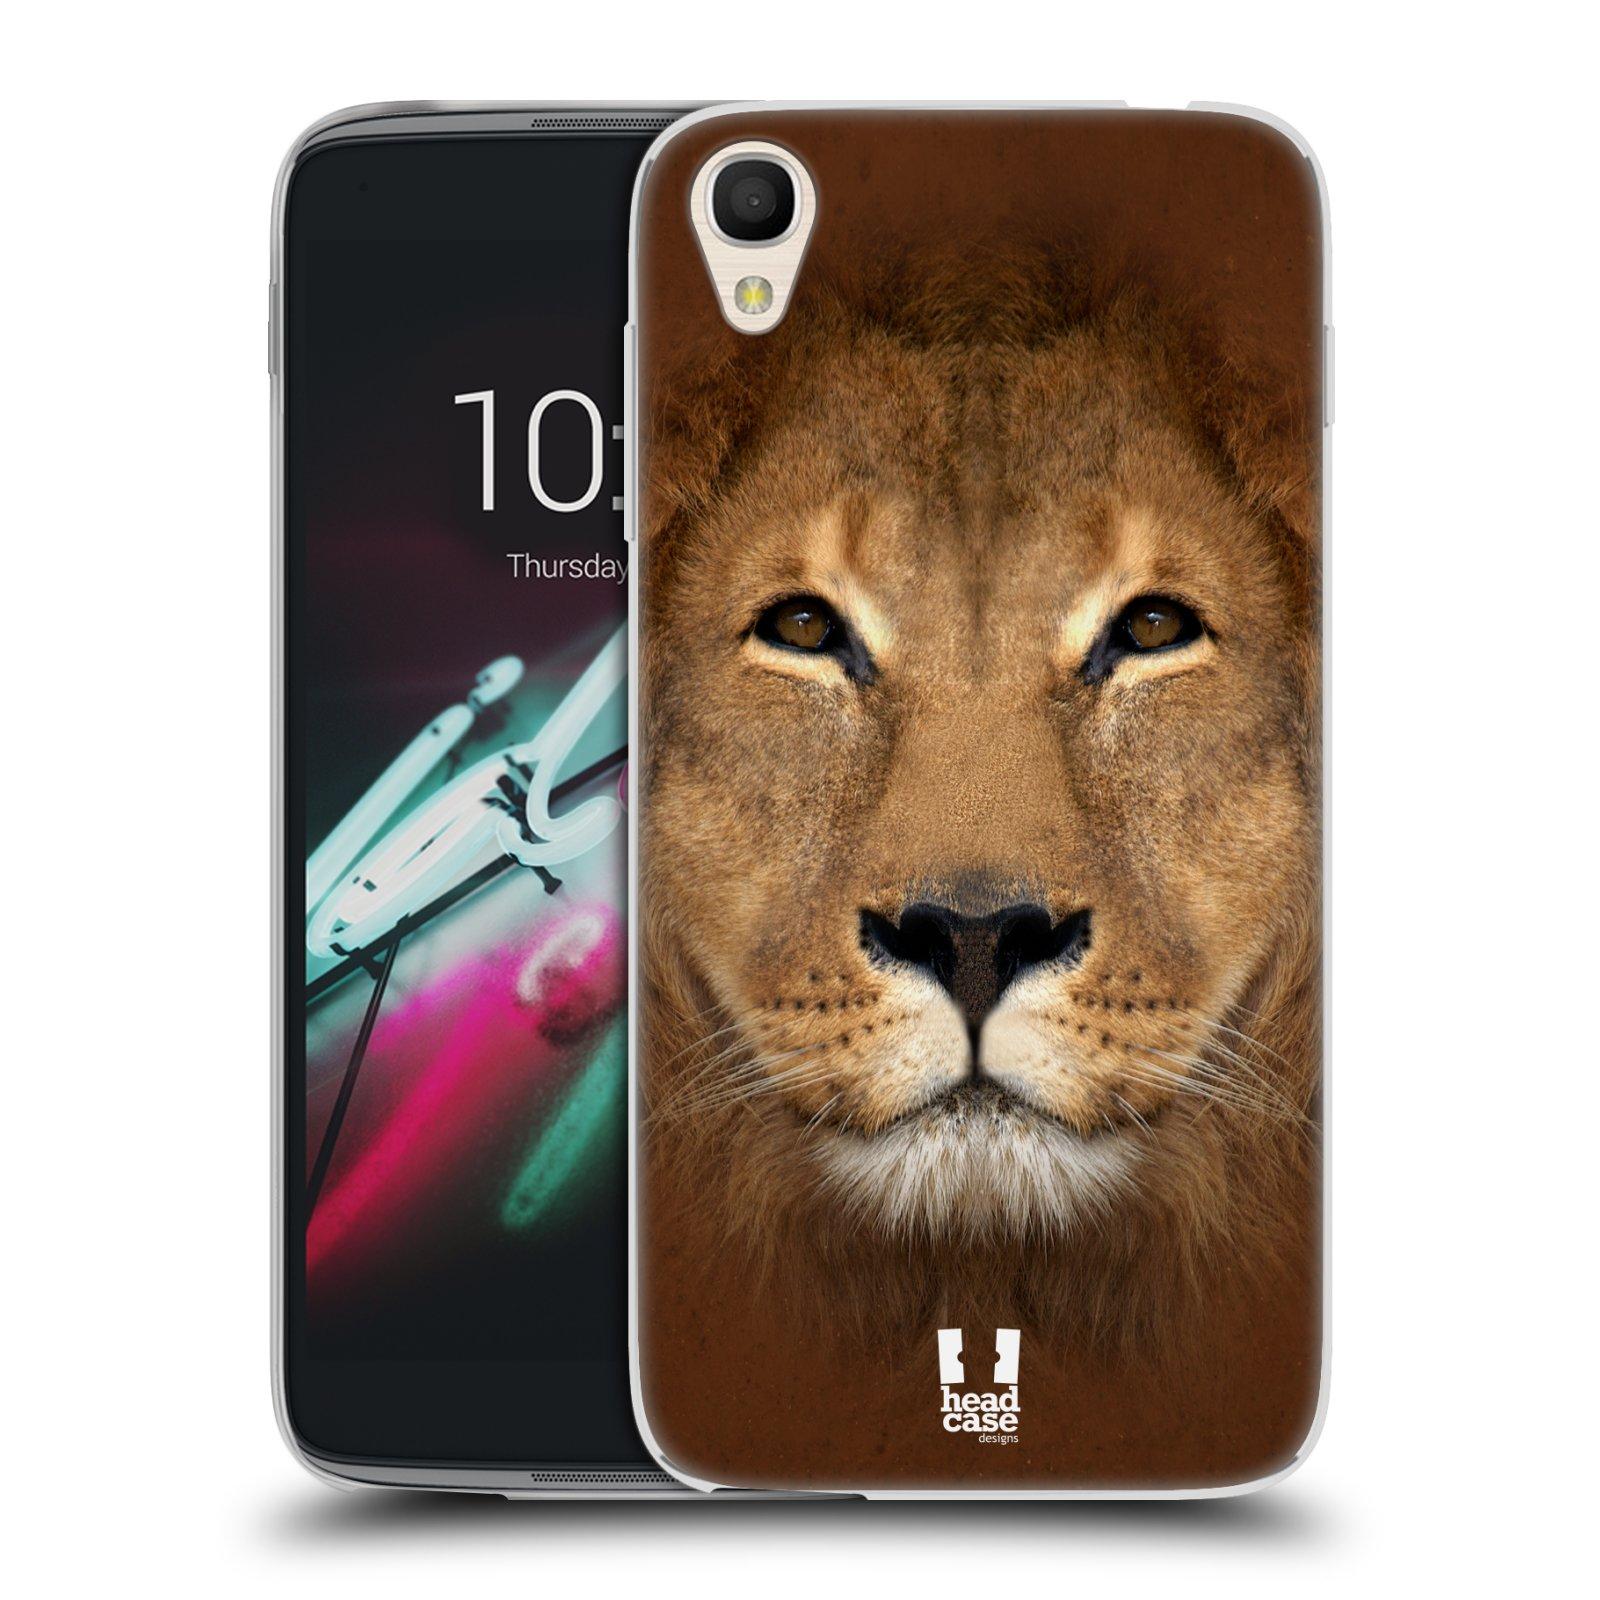 HEAD CASE silikonový obal na mobil Alcatel Idol 3 OT-6039Y (4.7) vzor Zvířecí tváře 2 Lev